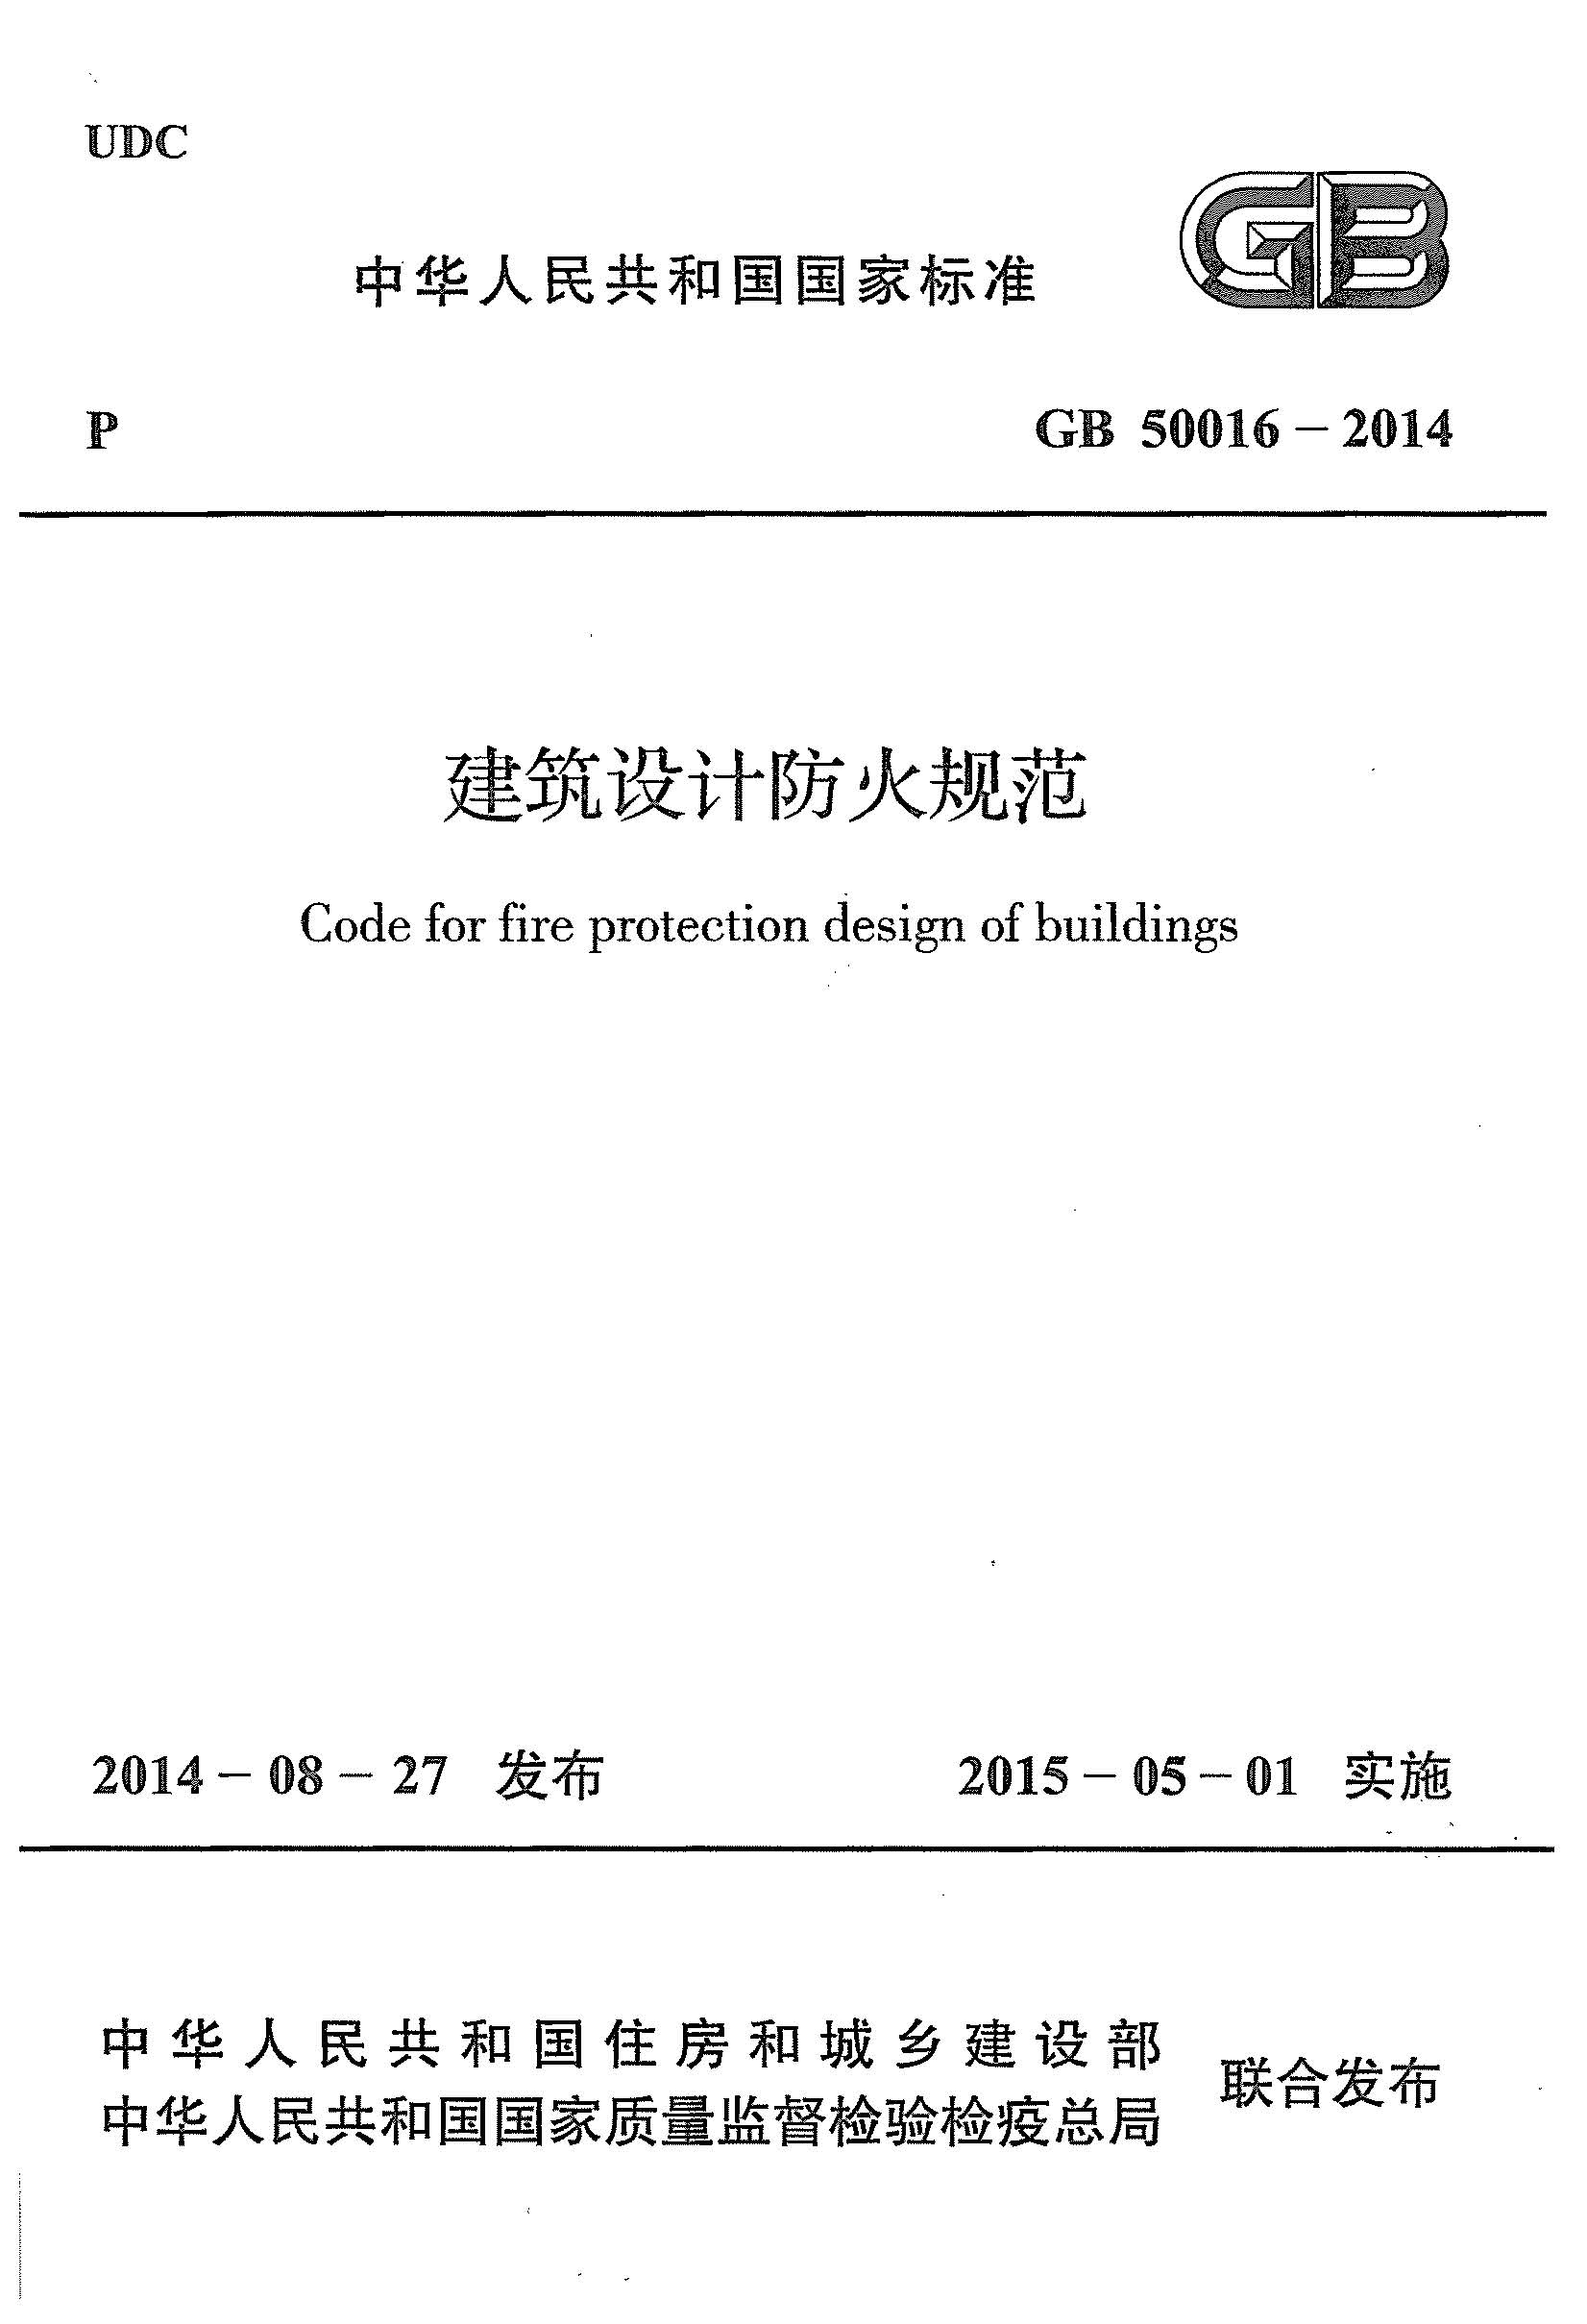 需gb50016-2014建筑设计防火规范及建筑13j811-1改《建筑设计防火规范图片